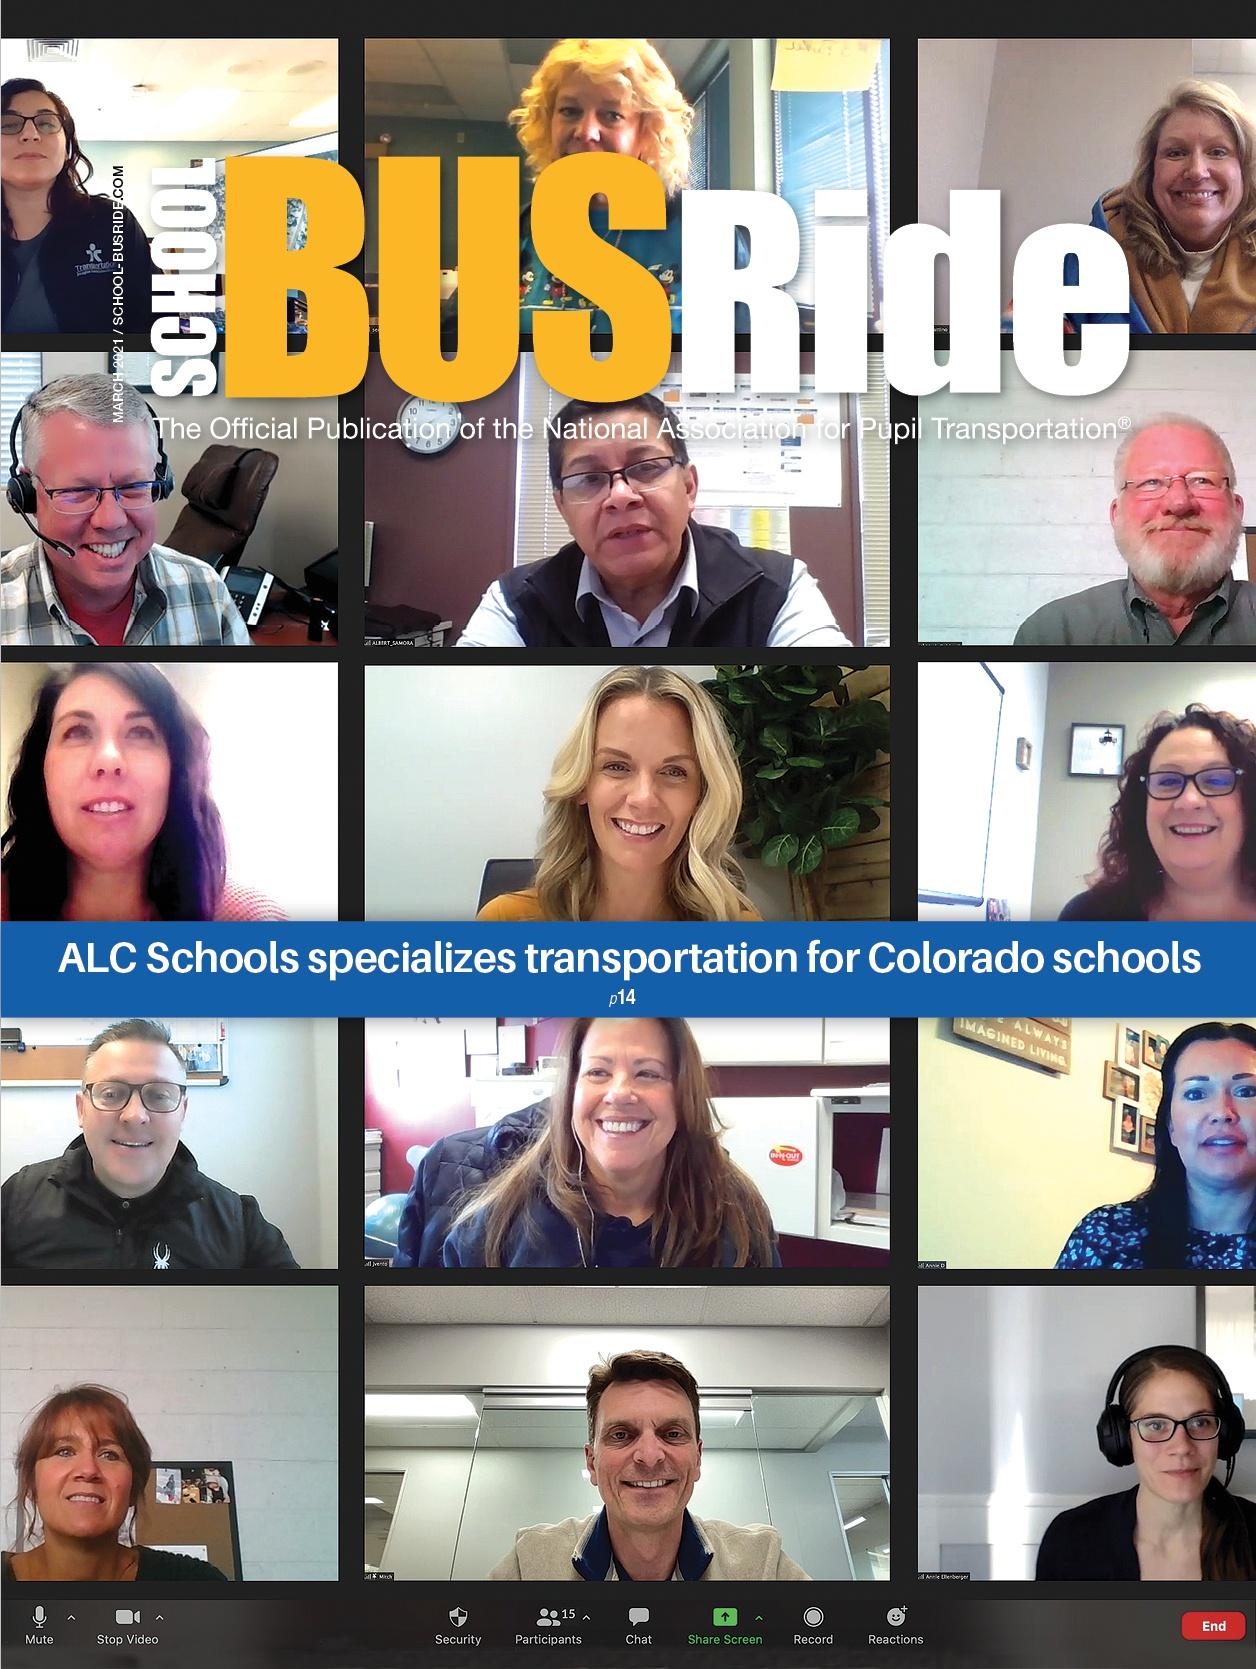 ALC Schools Specializes Transportation for Colorado